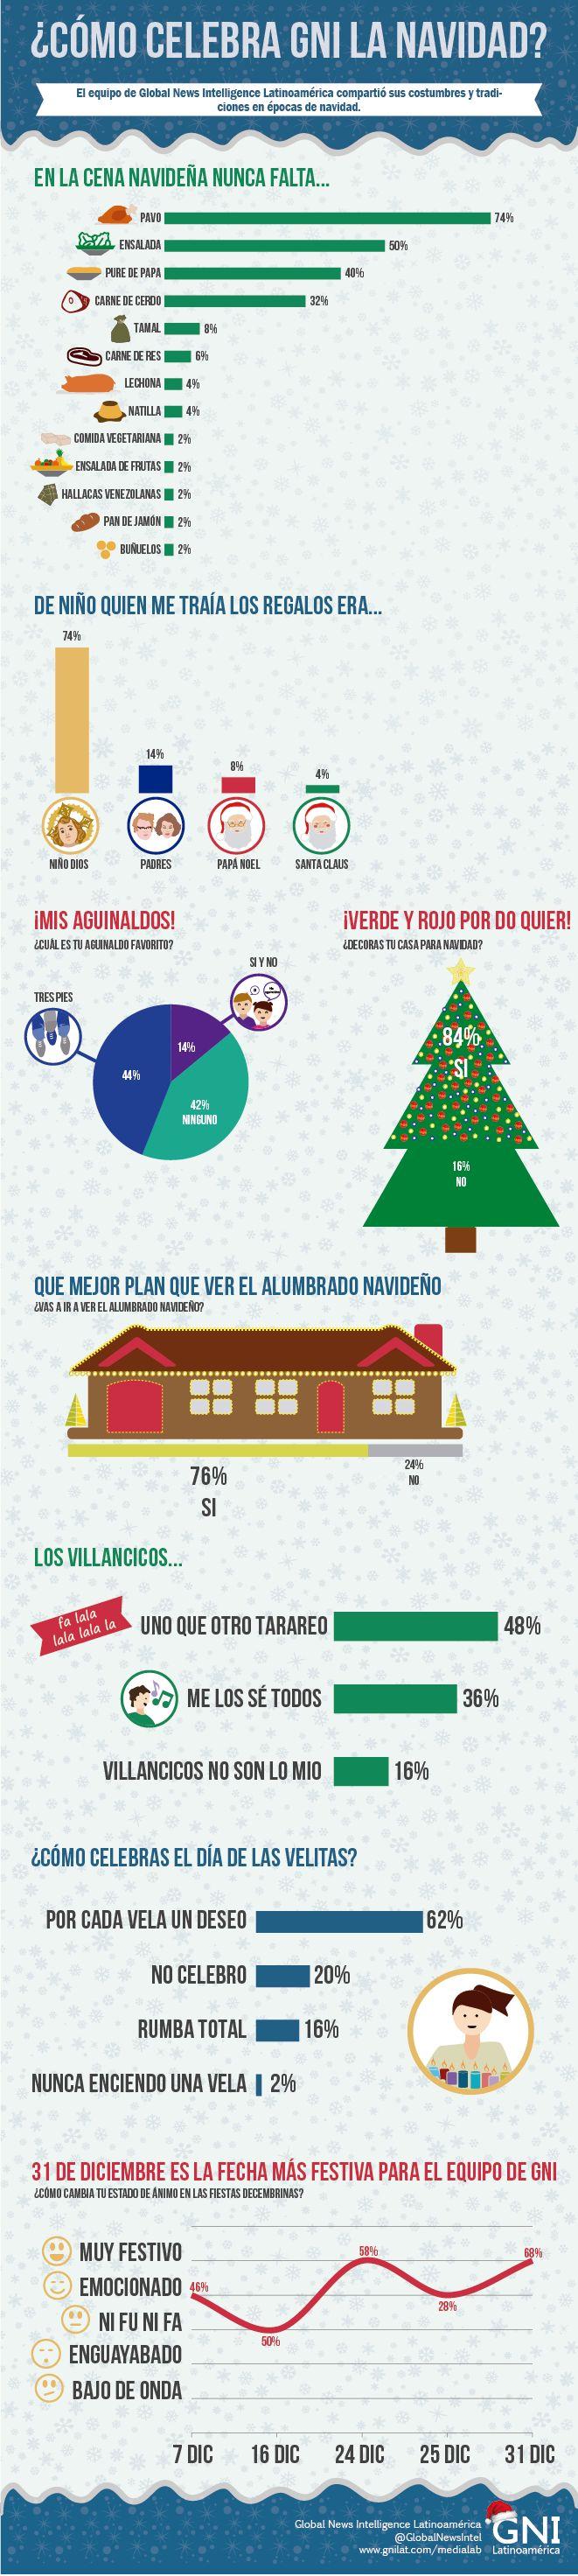 ¿CÓMO CELEBRA EL EQUIPO DE GNI LA NAVIDAD? #ChristmasInfographic